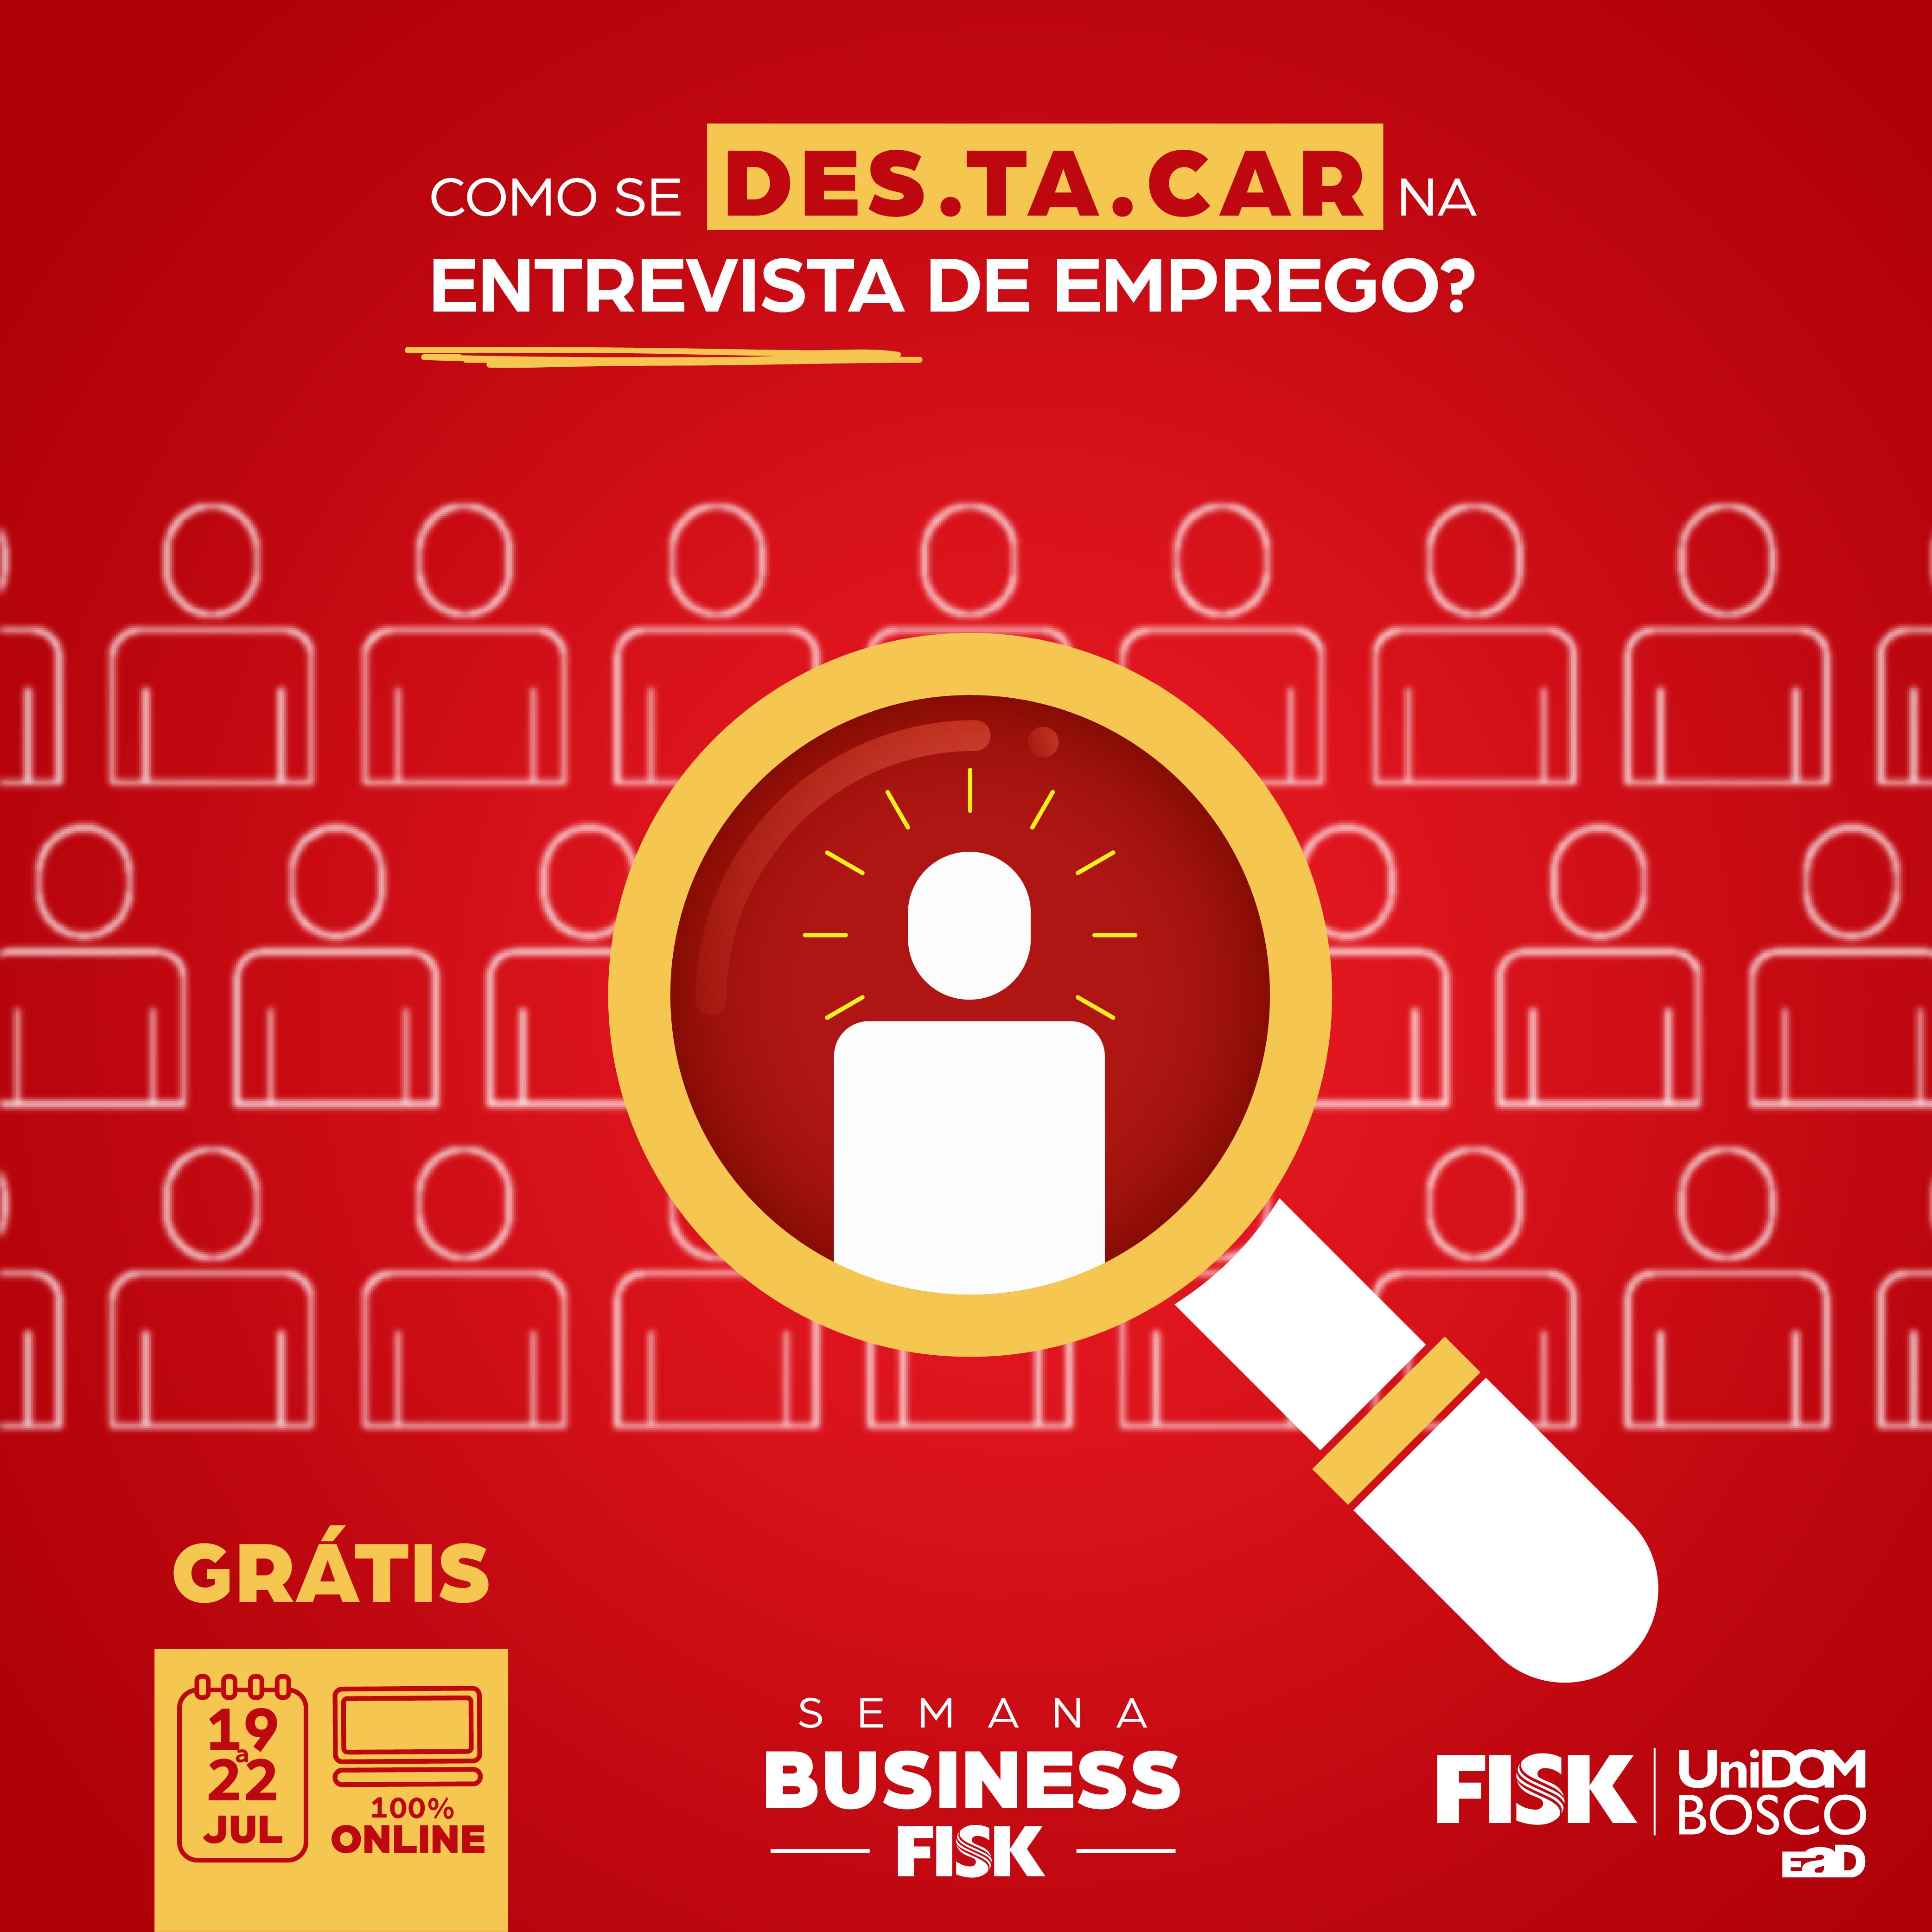 Fisk Caçapava e Taubaté/ SP - Semana Business